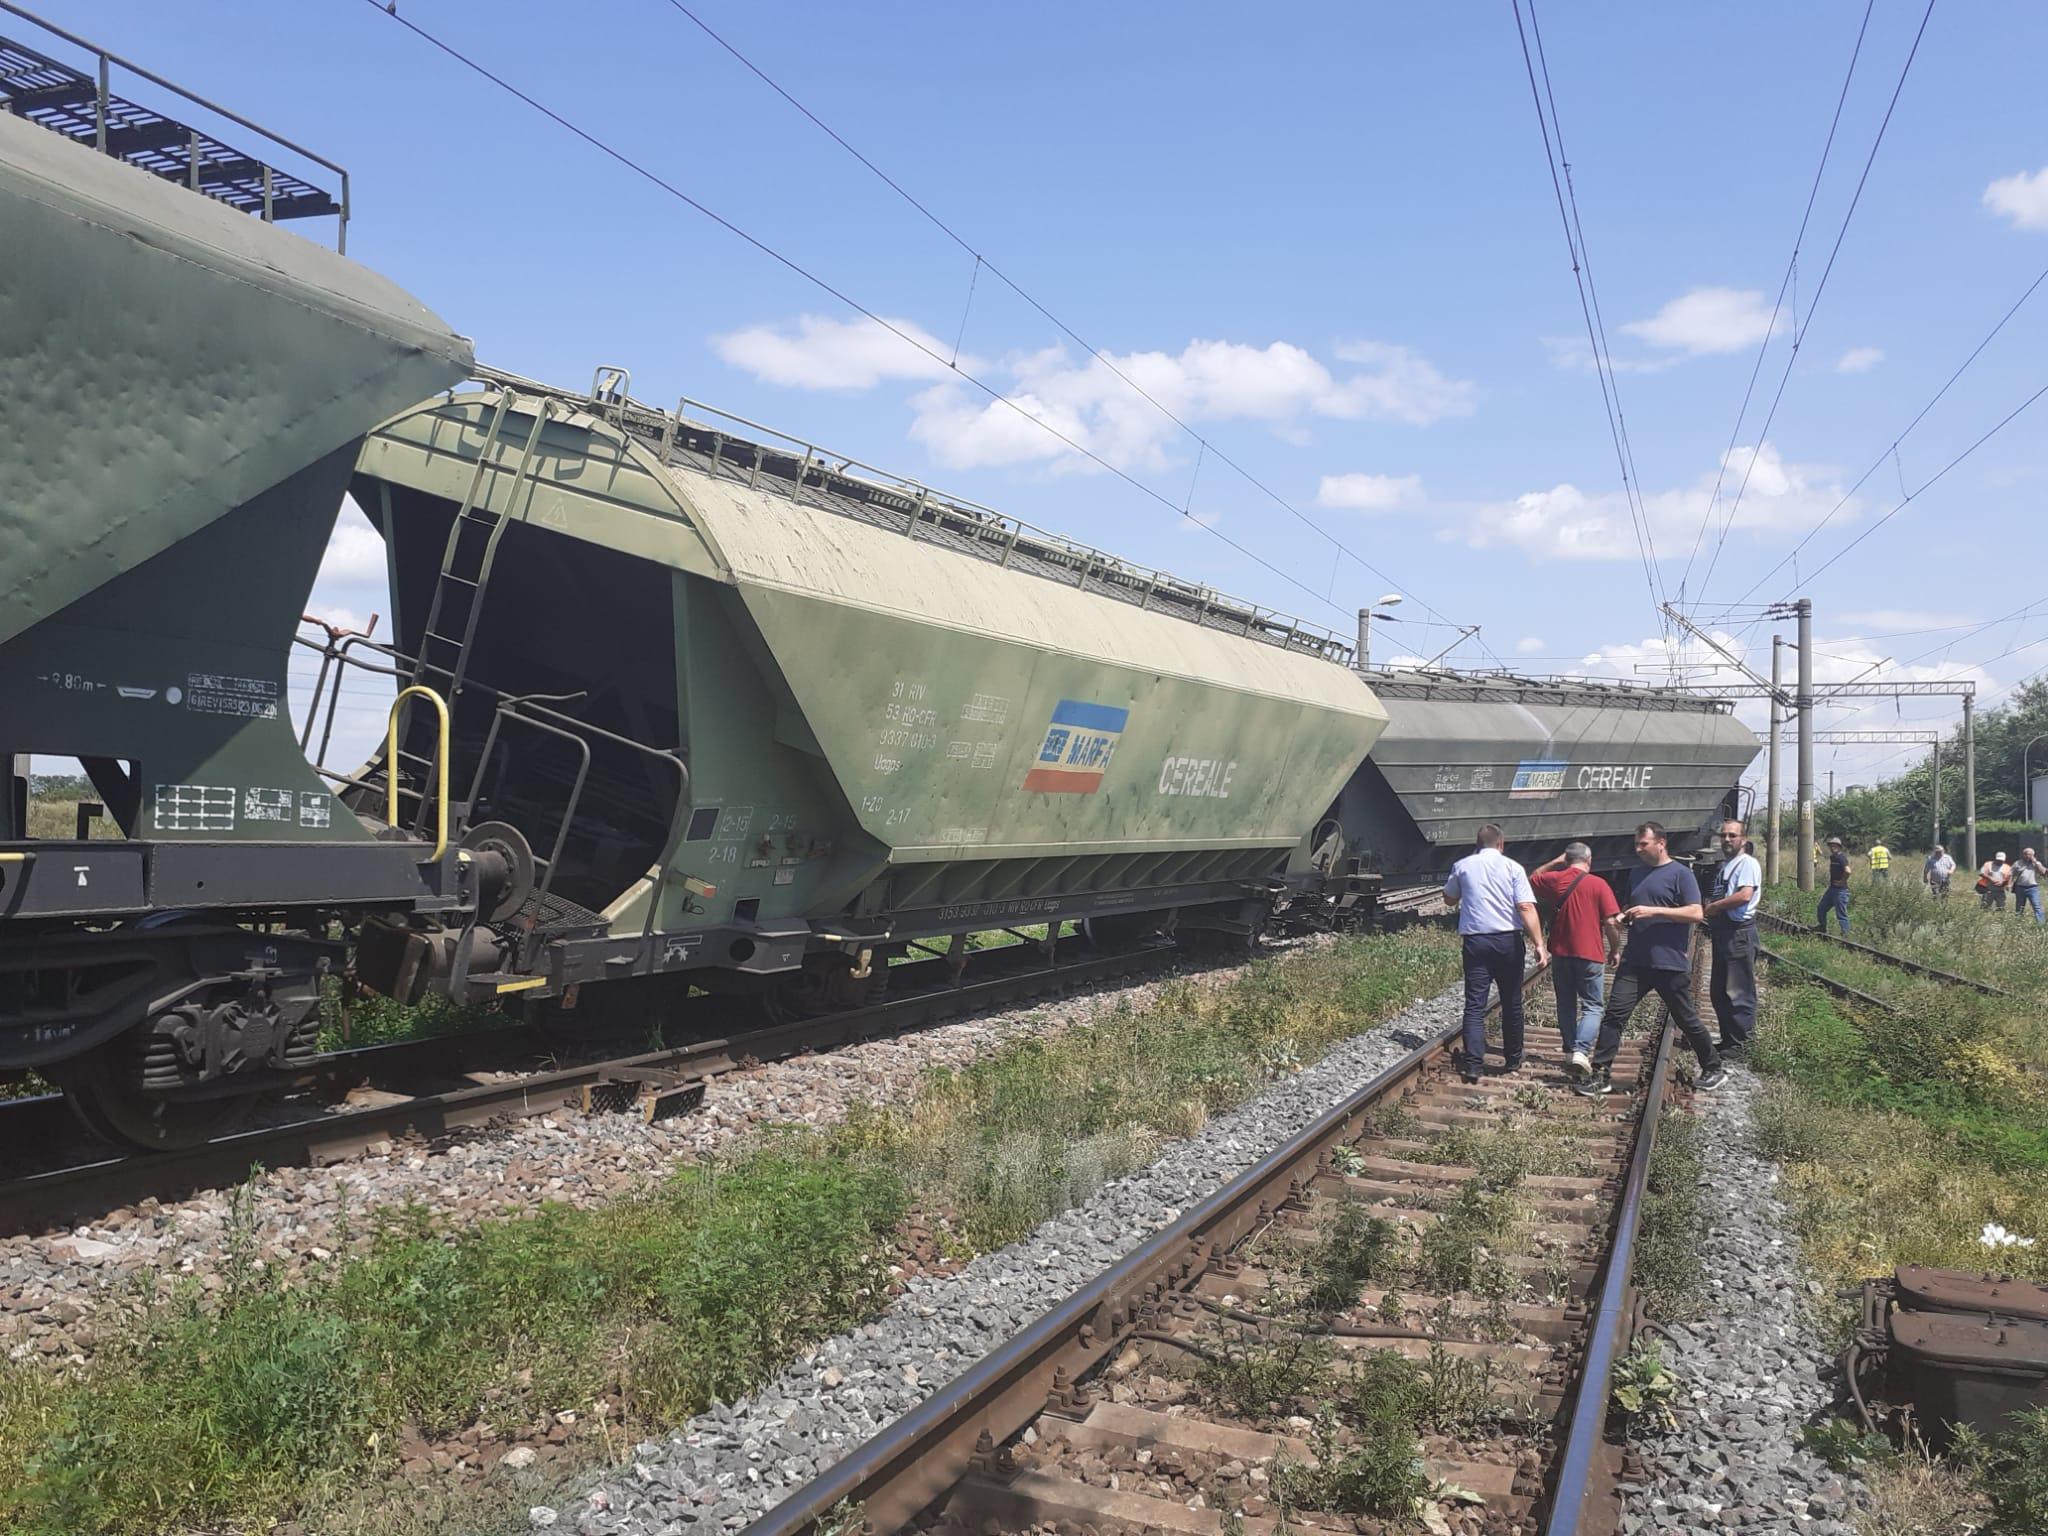 Tren deraiat în apropiere de Feteşti. Întârzieri de peste 200 de minute pe ruta Bucureşti - Constanța